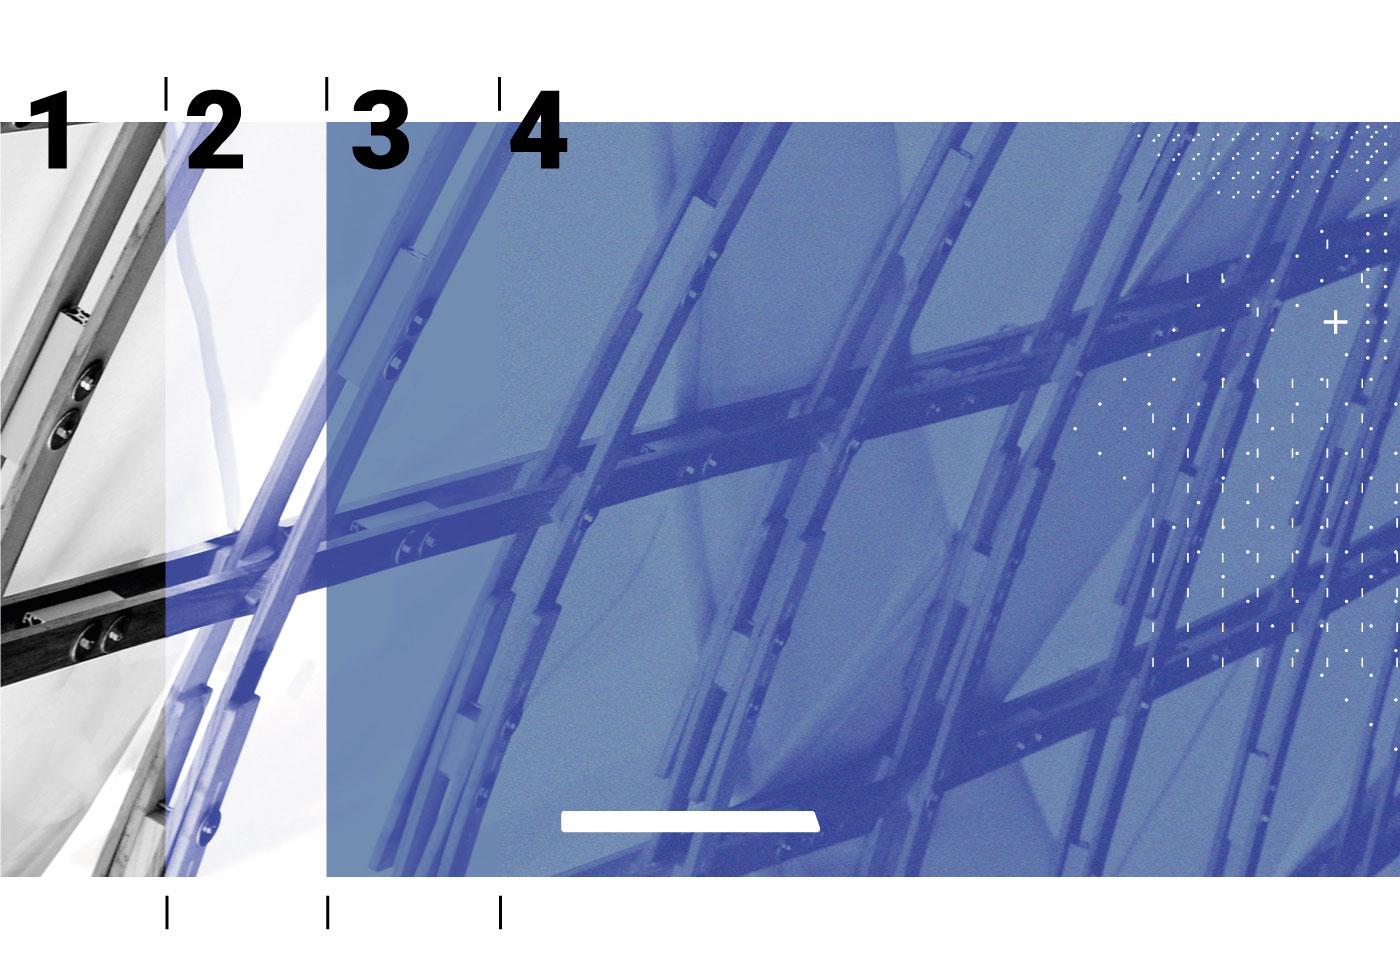 étapes du traitement photo spécial Ekilaya de 1 à 4 : du noir et blanc à la couleur bleue, grain et motifs